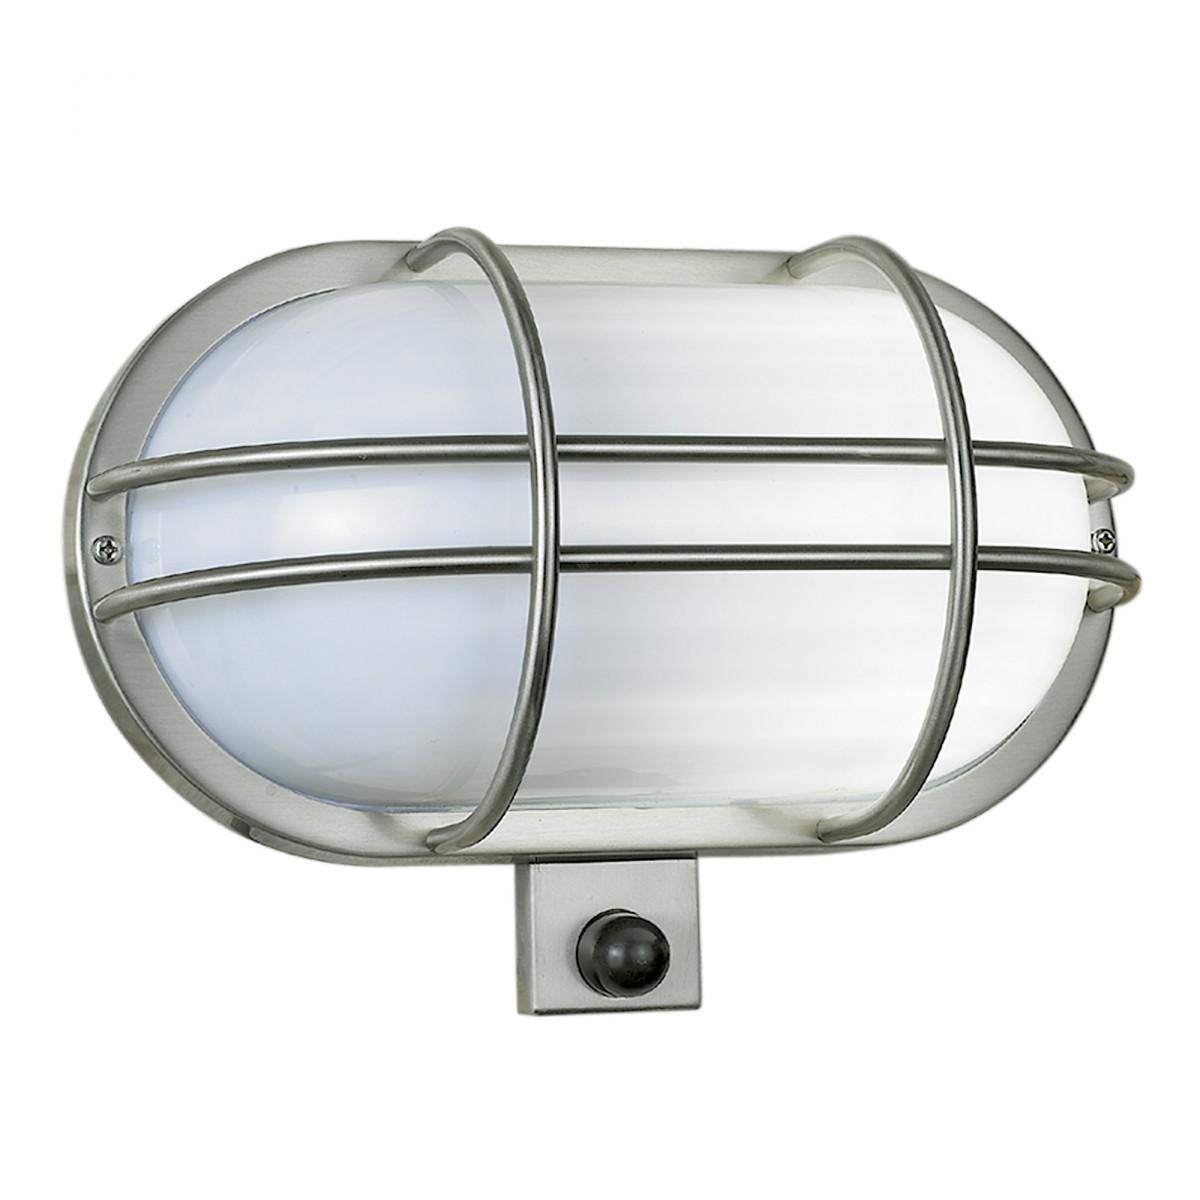 buitenverlichting met sensor - Sonn + sensor (7335) - KS Verlichting - Sensor verlichting Klassiek